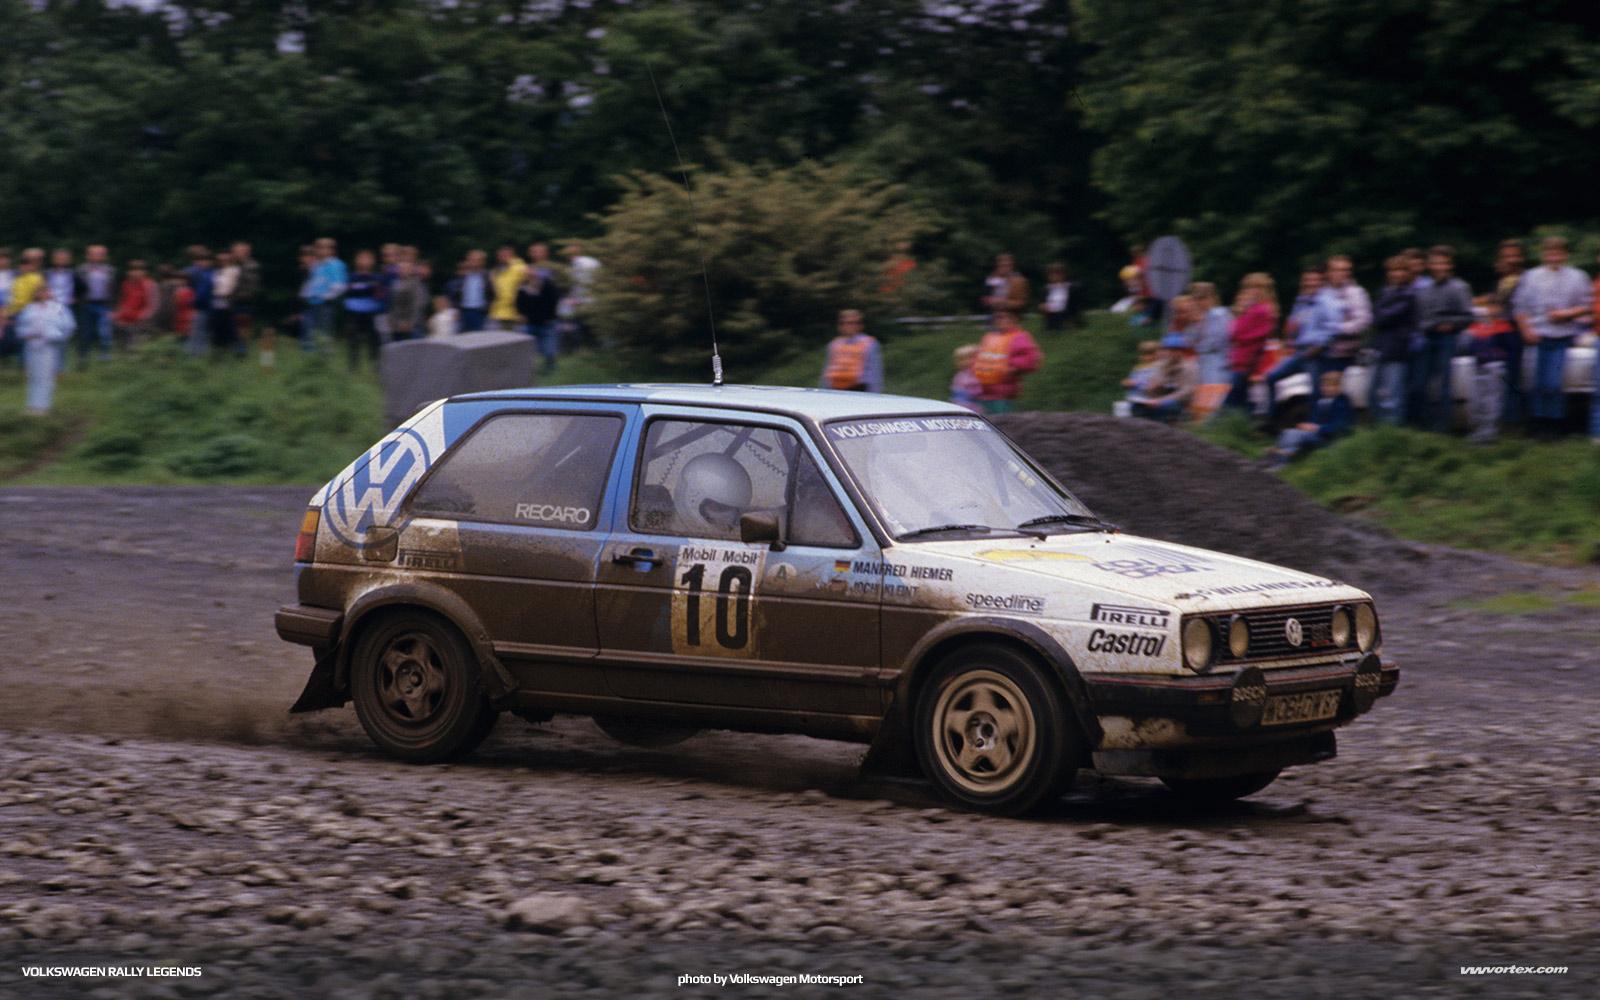 volkswagen-rally-legends-393